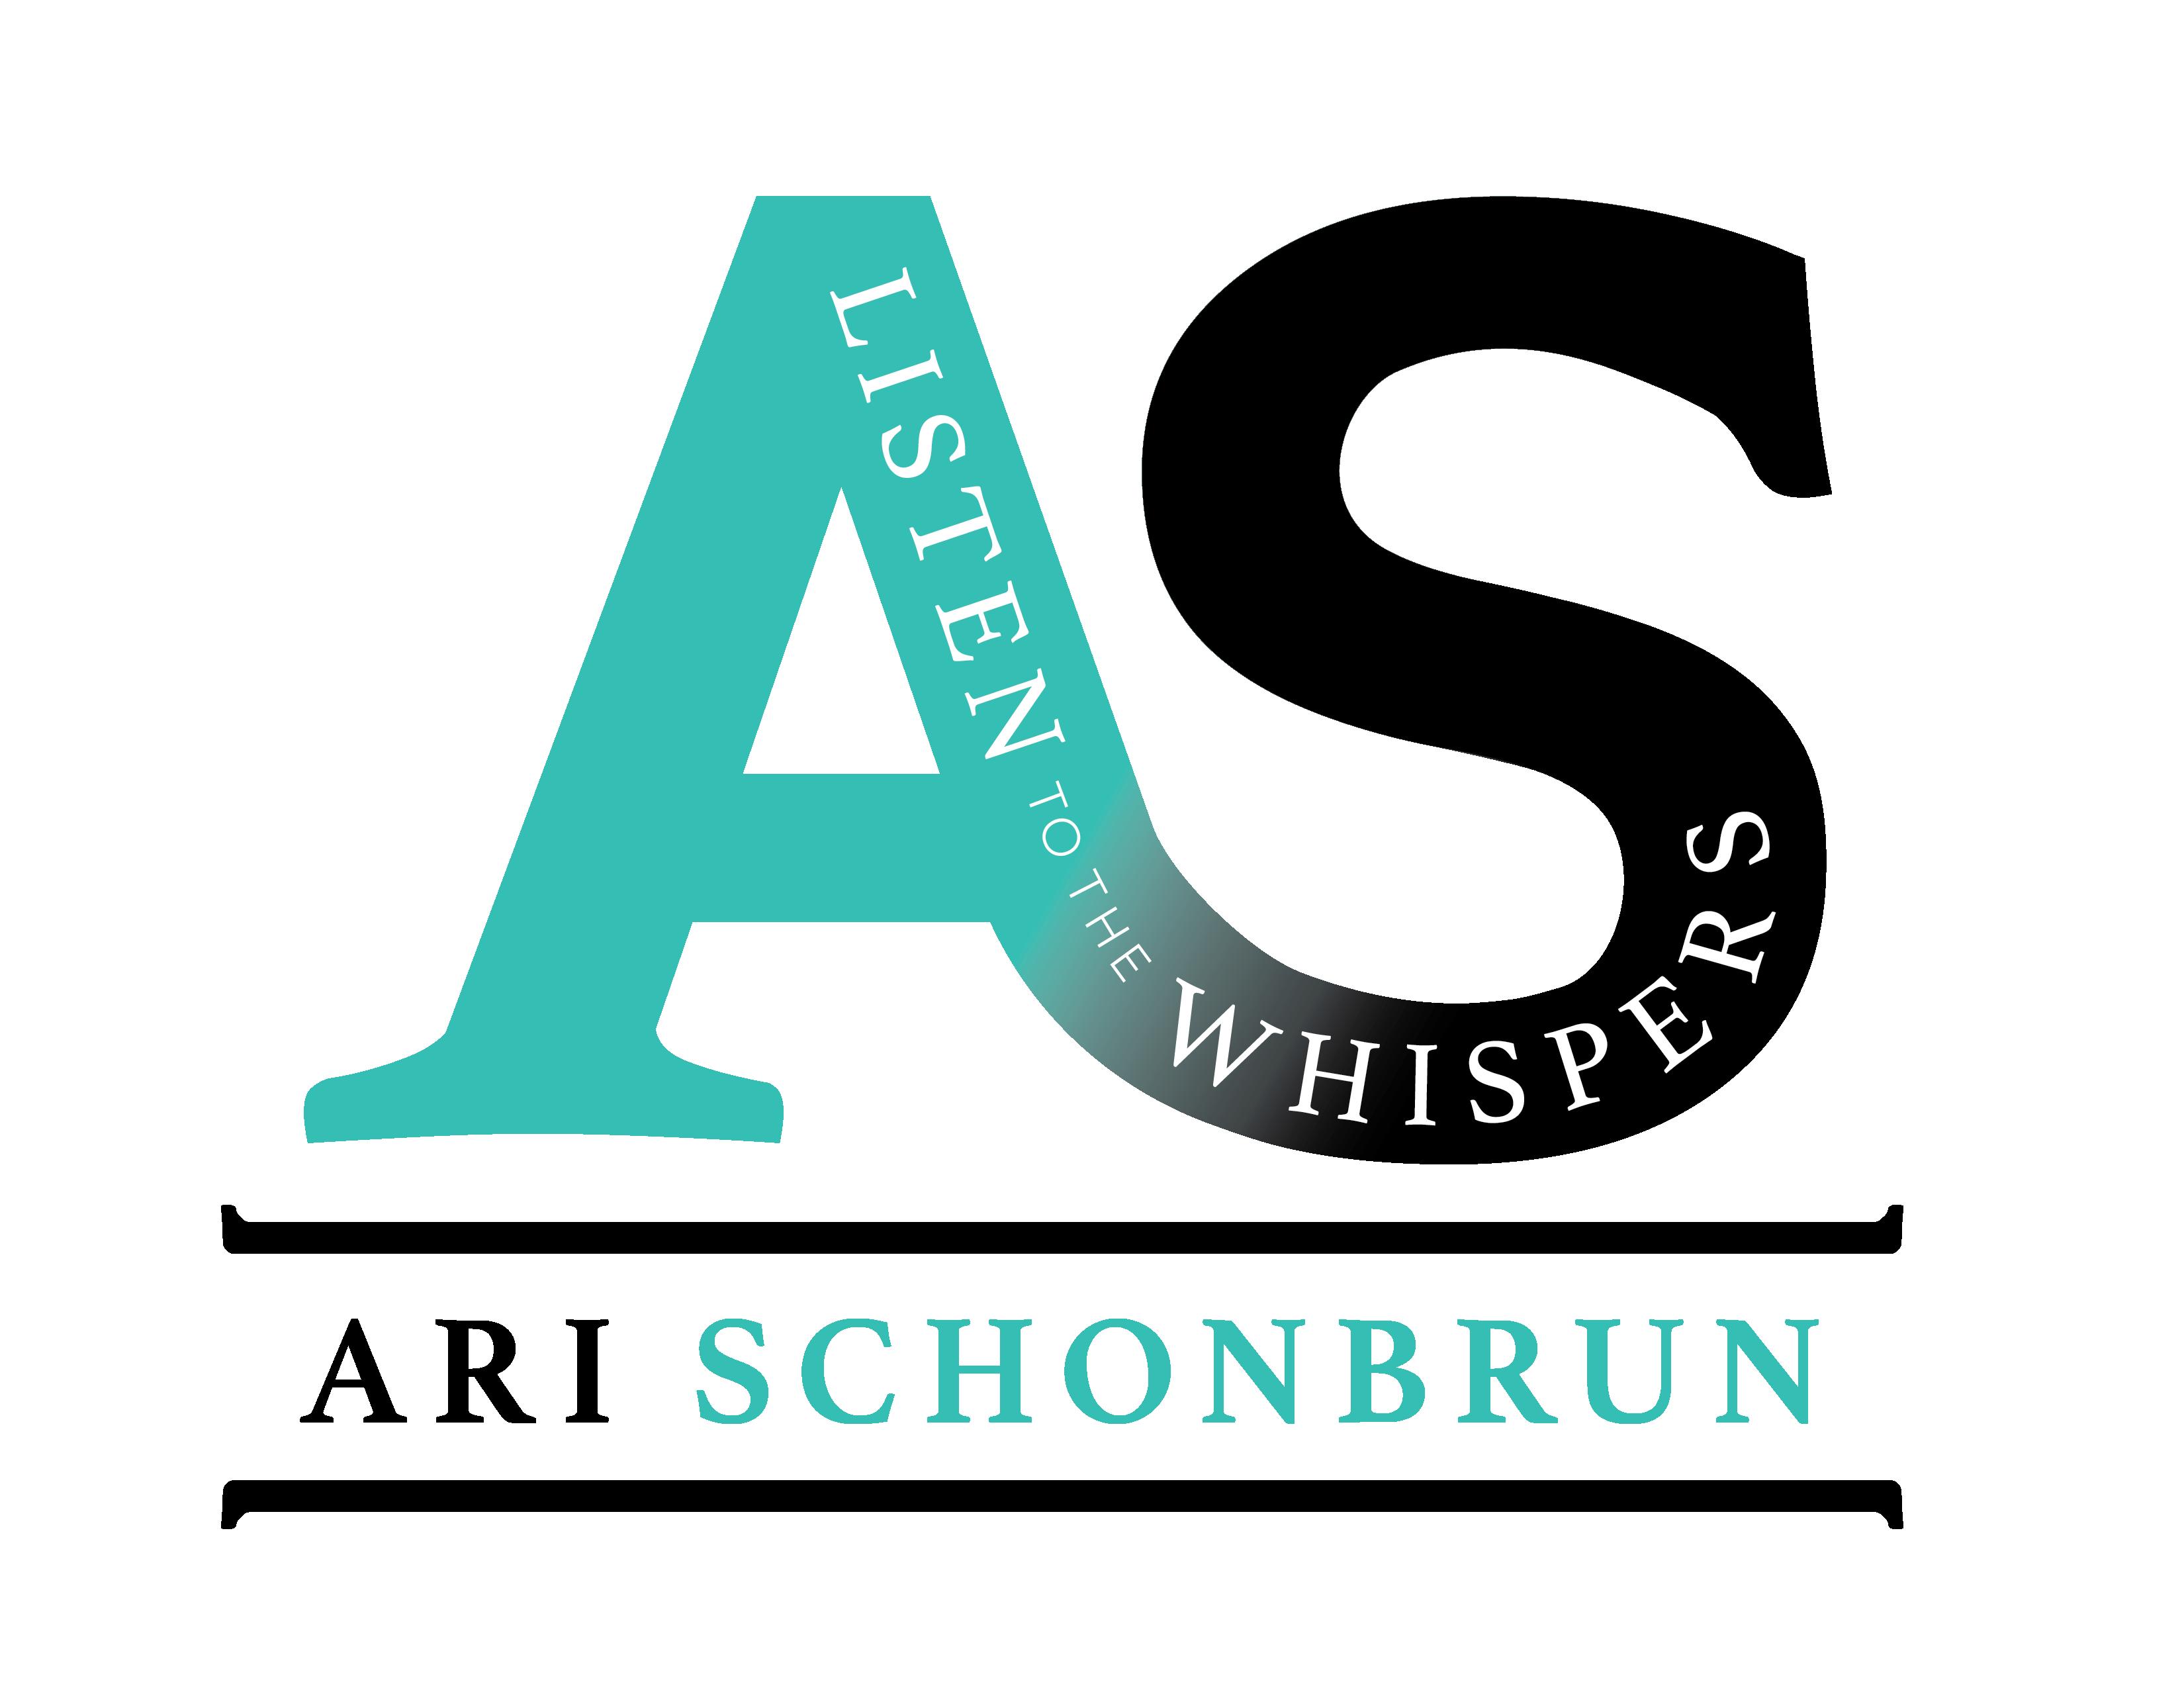 Ari Schonbrun Logo